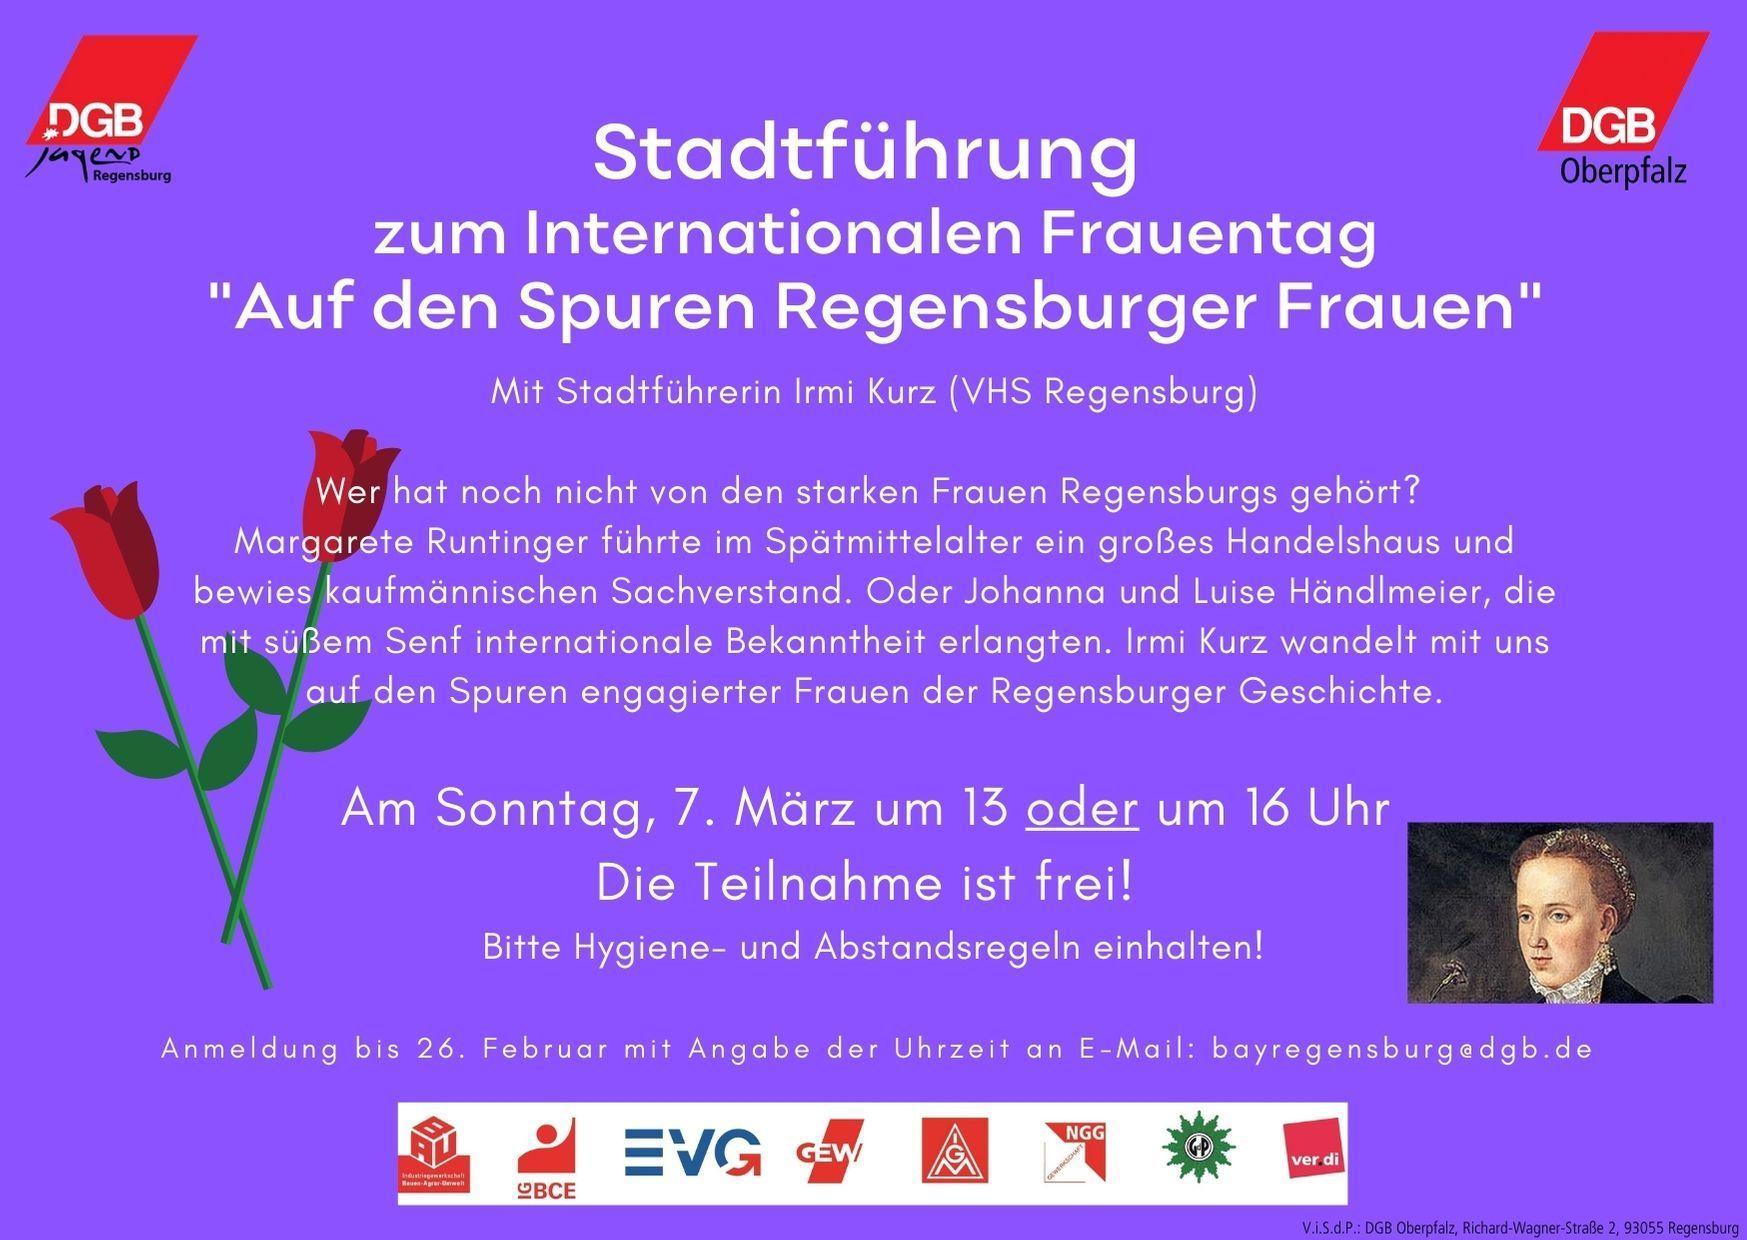 Stadtführung zum Internationalen Frauentag 2021